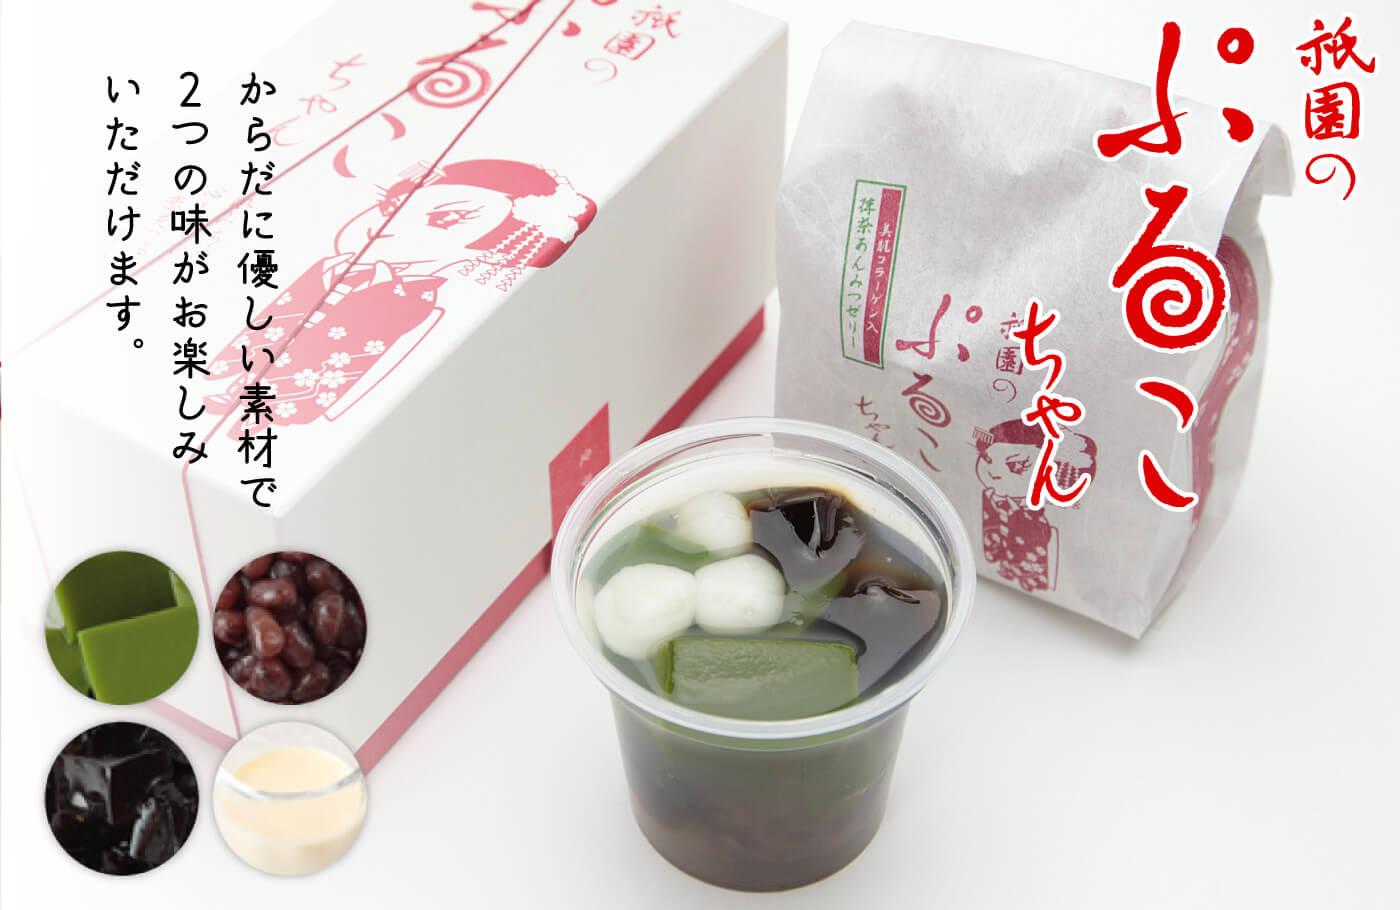 祇園のぷるこちゃん